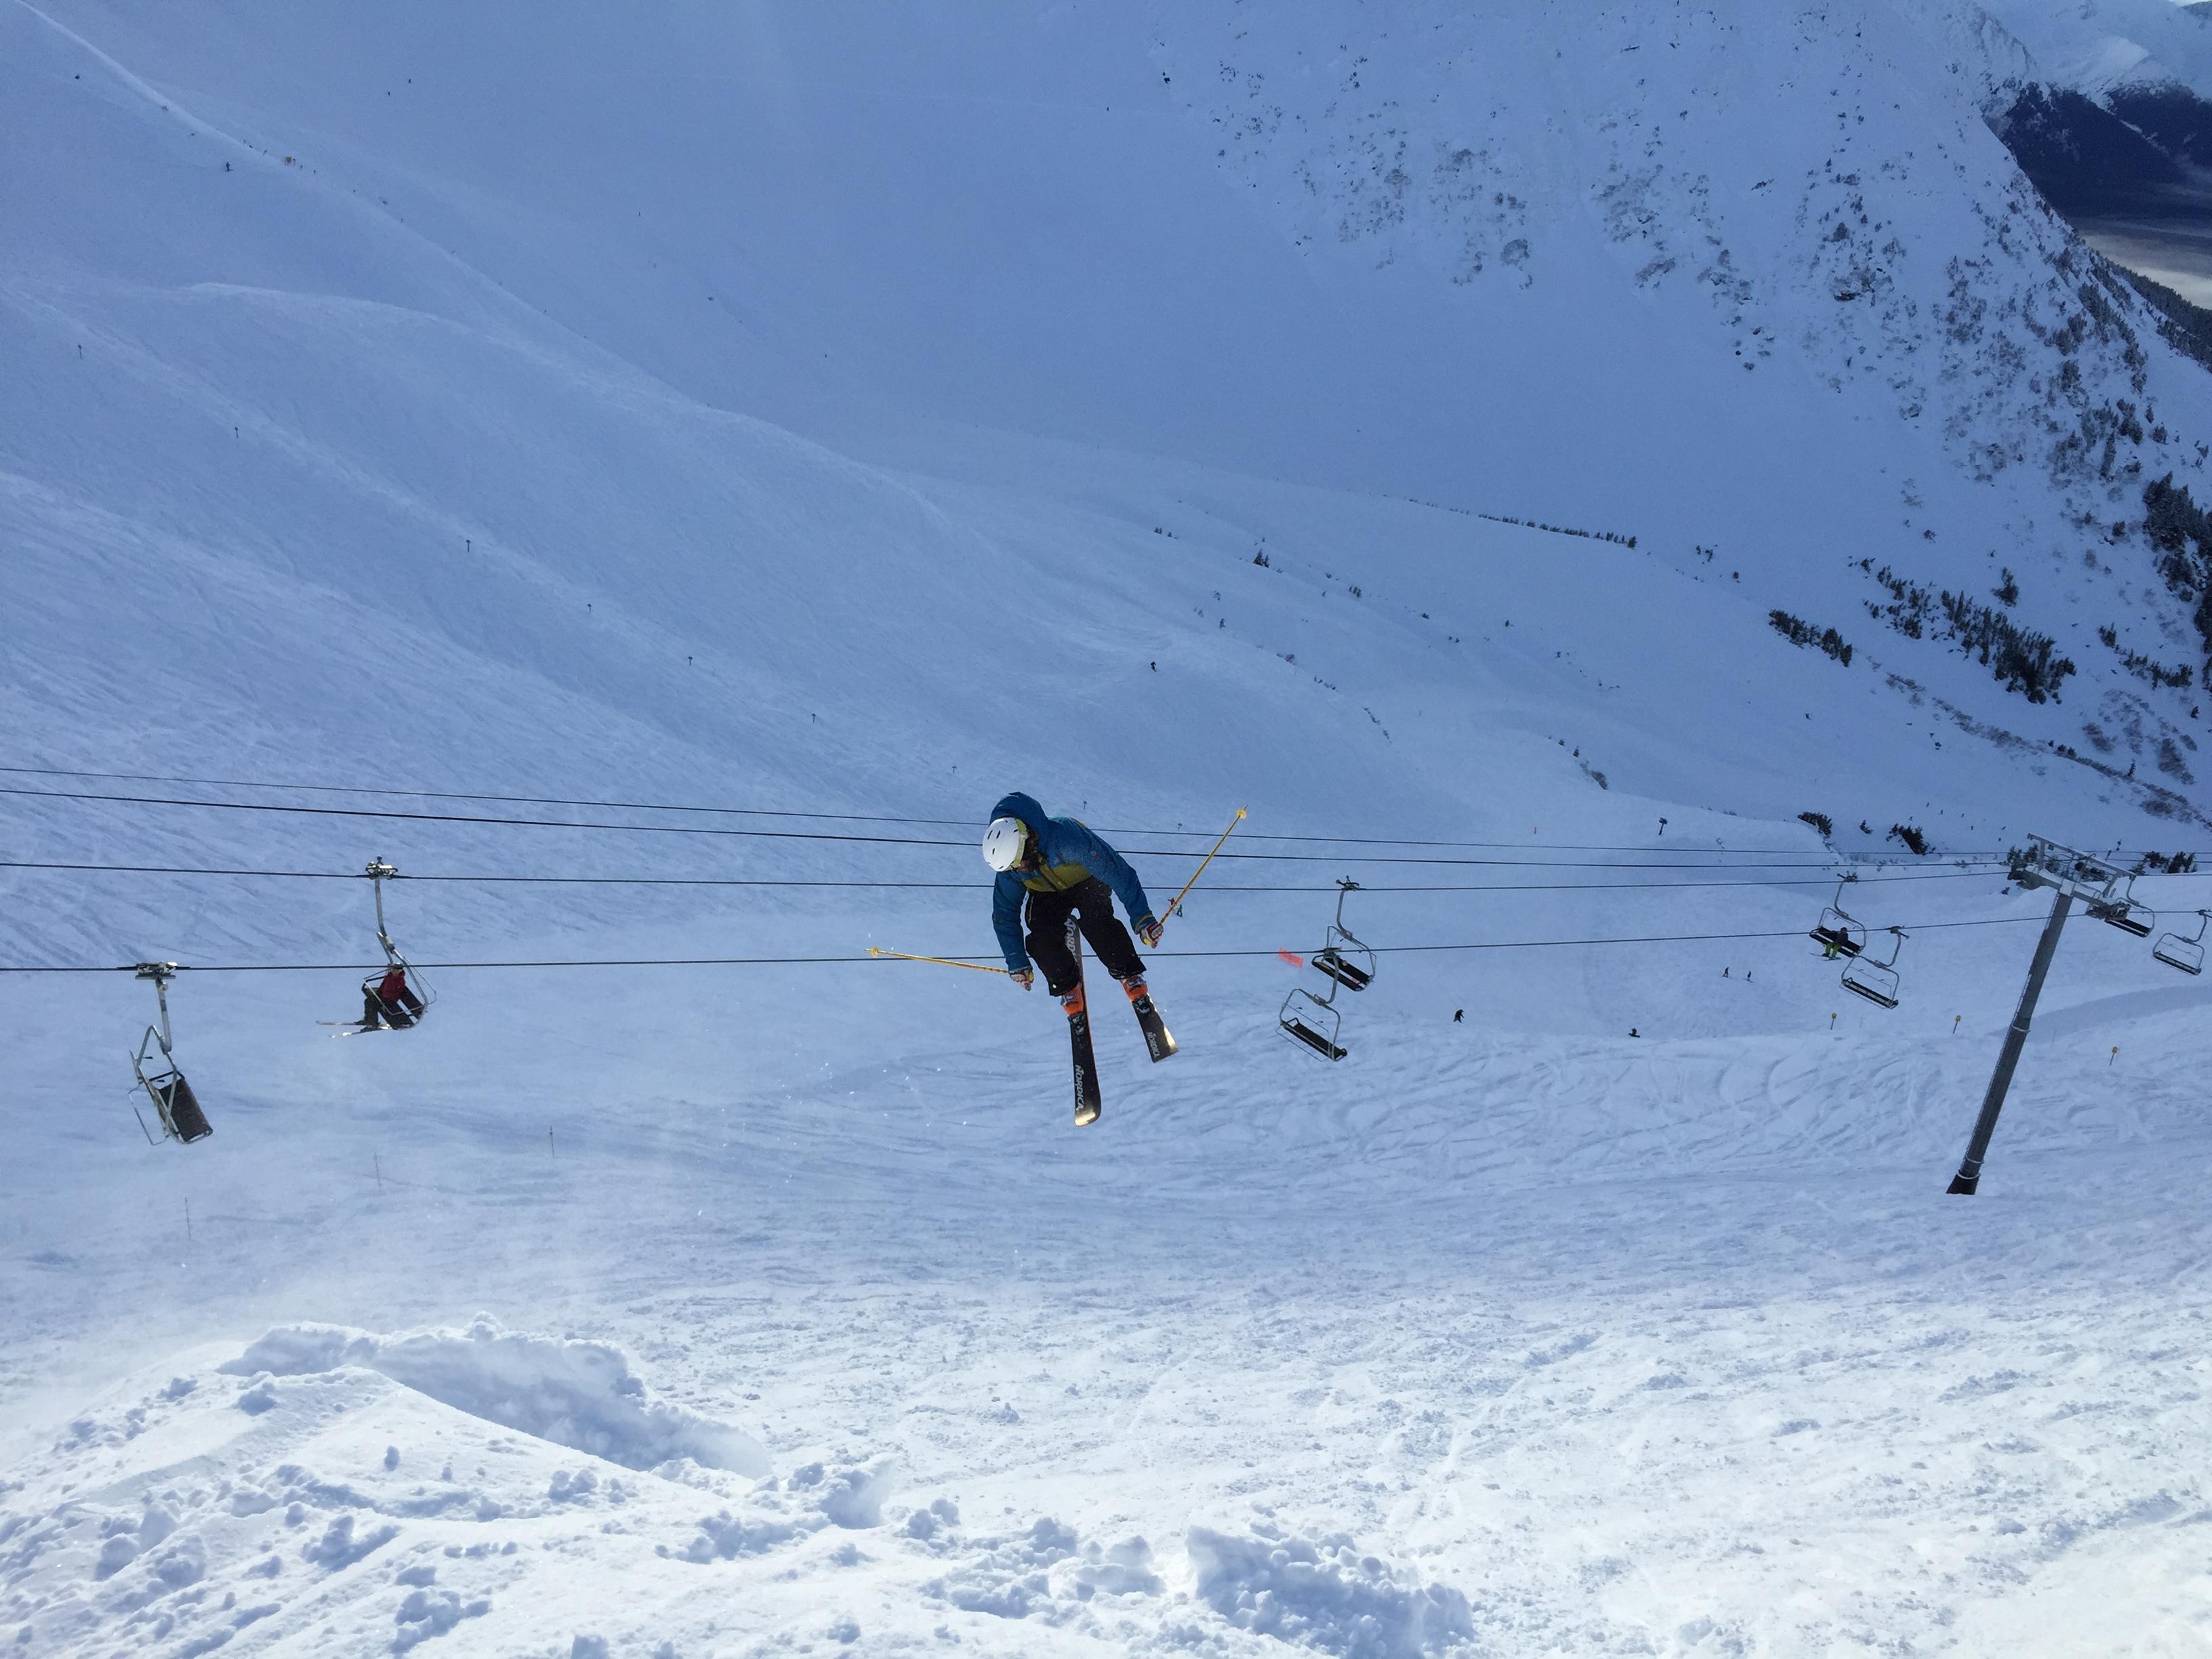 alyeska resort, ak = only ski resort to break 500-inches of snowfall